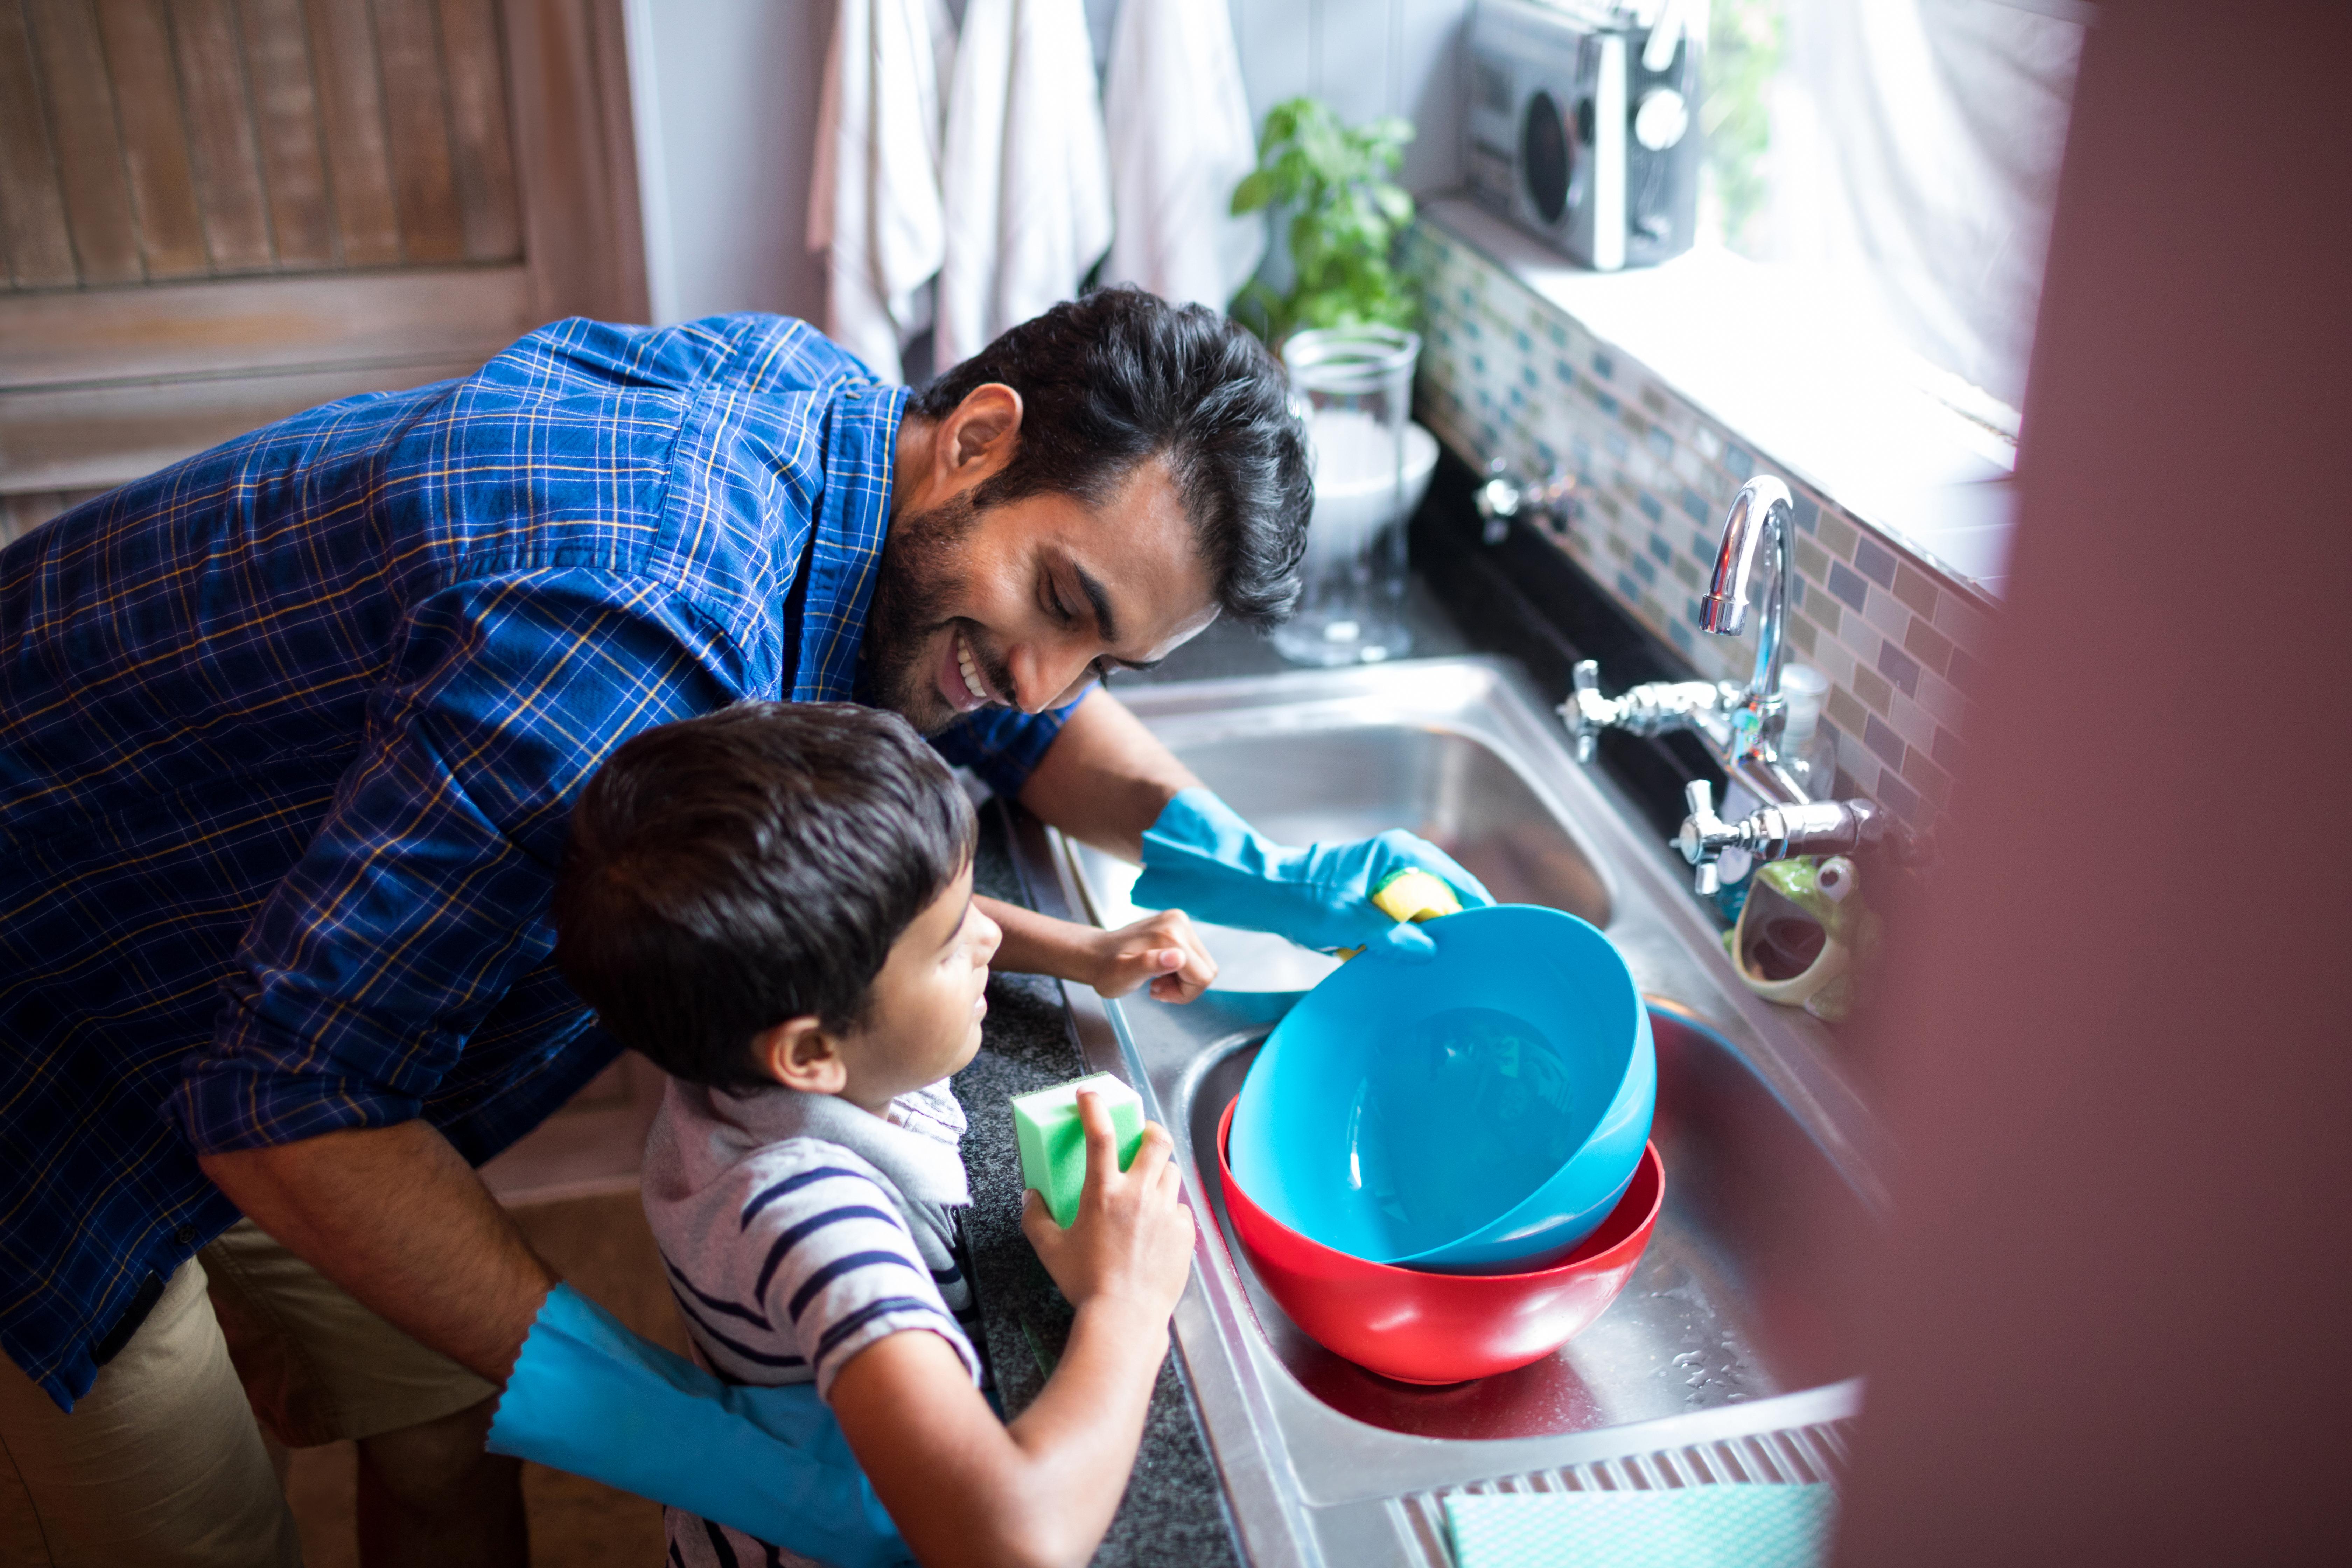 homem e criança lavando louça em uma pia